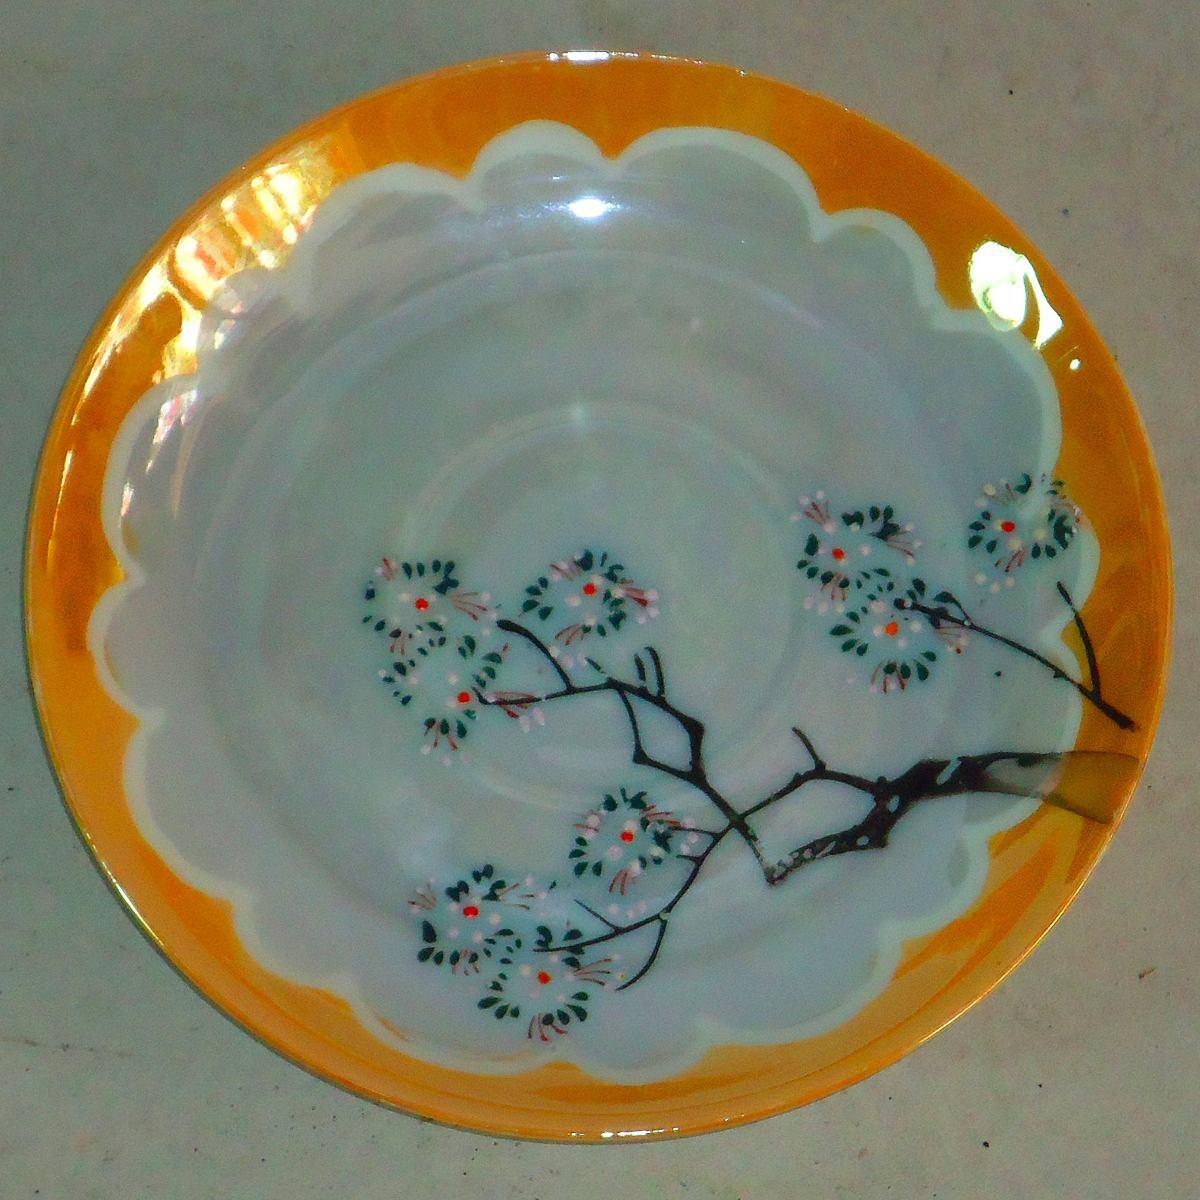 Platos peque os porcelana japon pintados a mano a os 60 for Platos porcelana